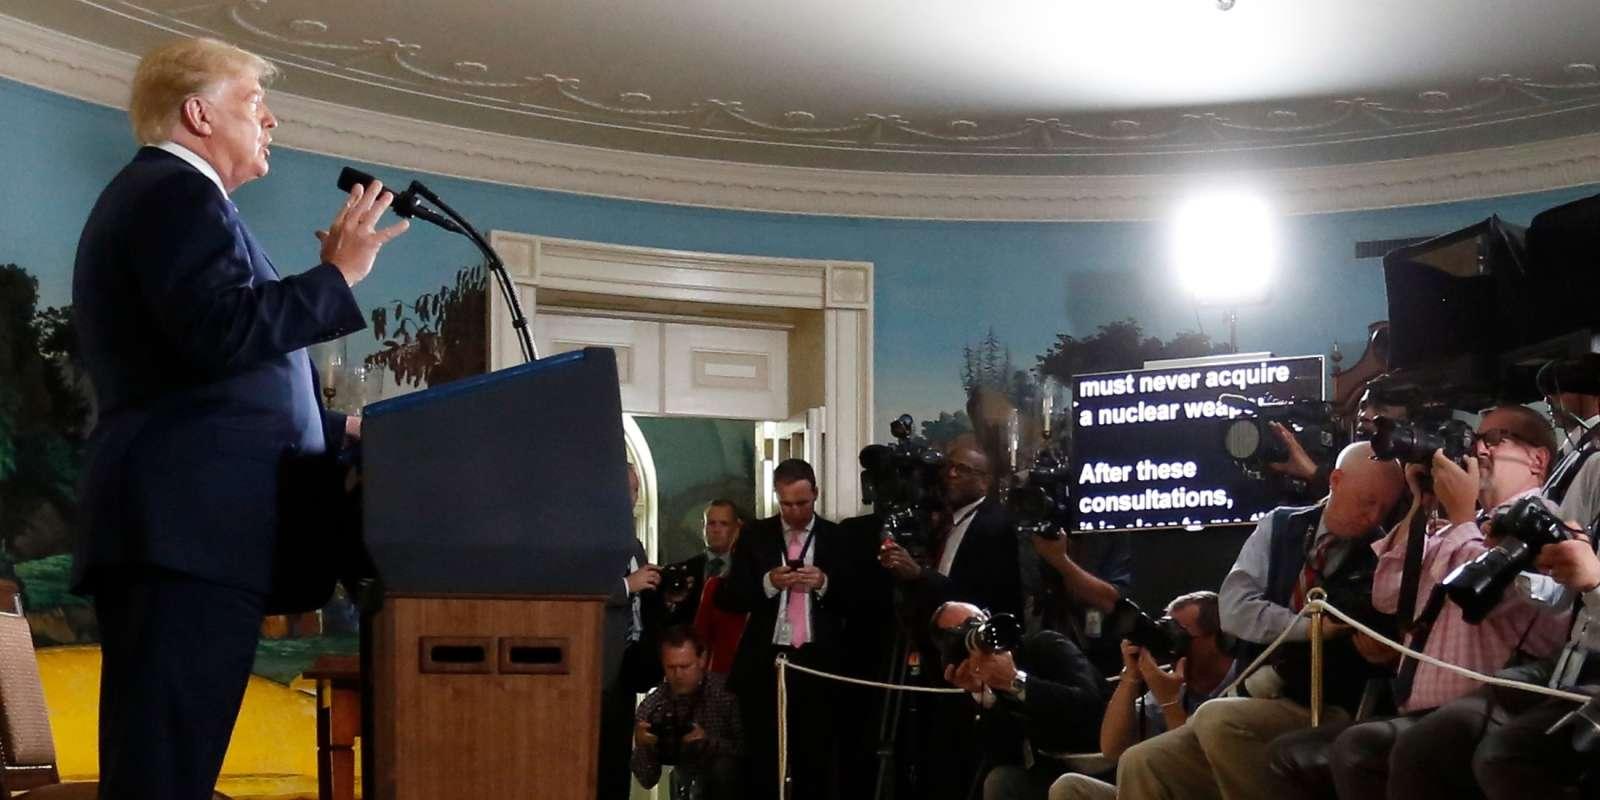 Donald Trump, lors de son allocution annonçant le désengagement américain de l'accord sur le nucléaire iranien.